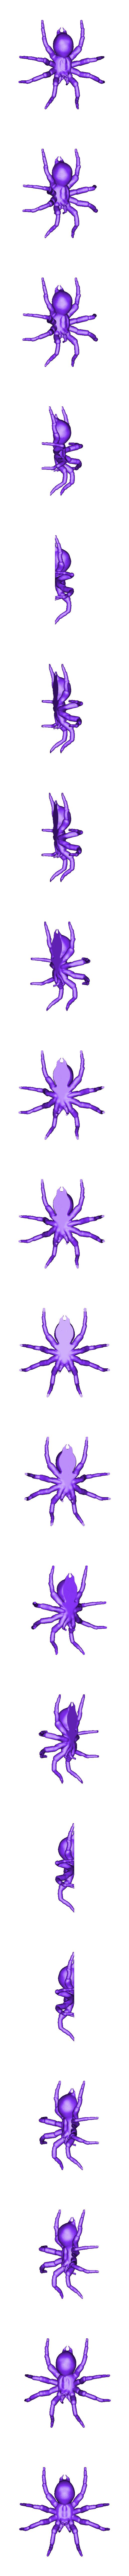 tarantula.obj Télécharger fichier OBJ gratuit Araignée • Modèle à imprimer en 3D, Pza4Rza